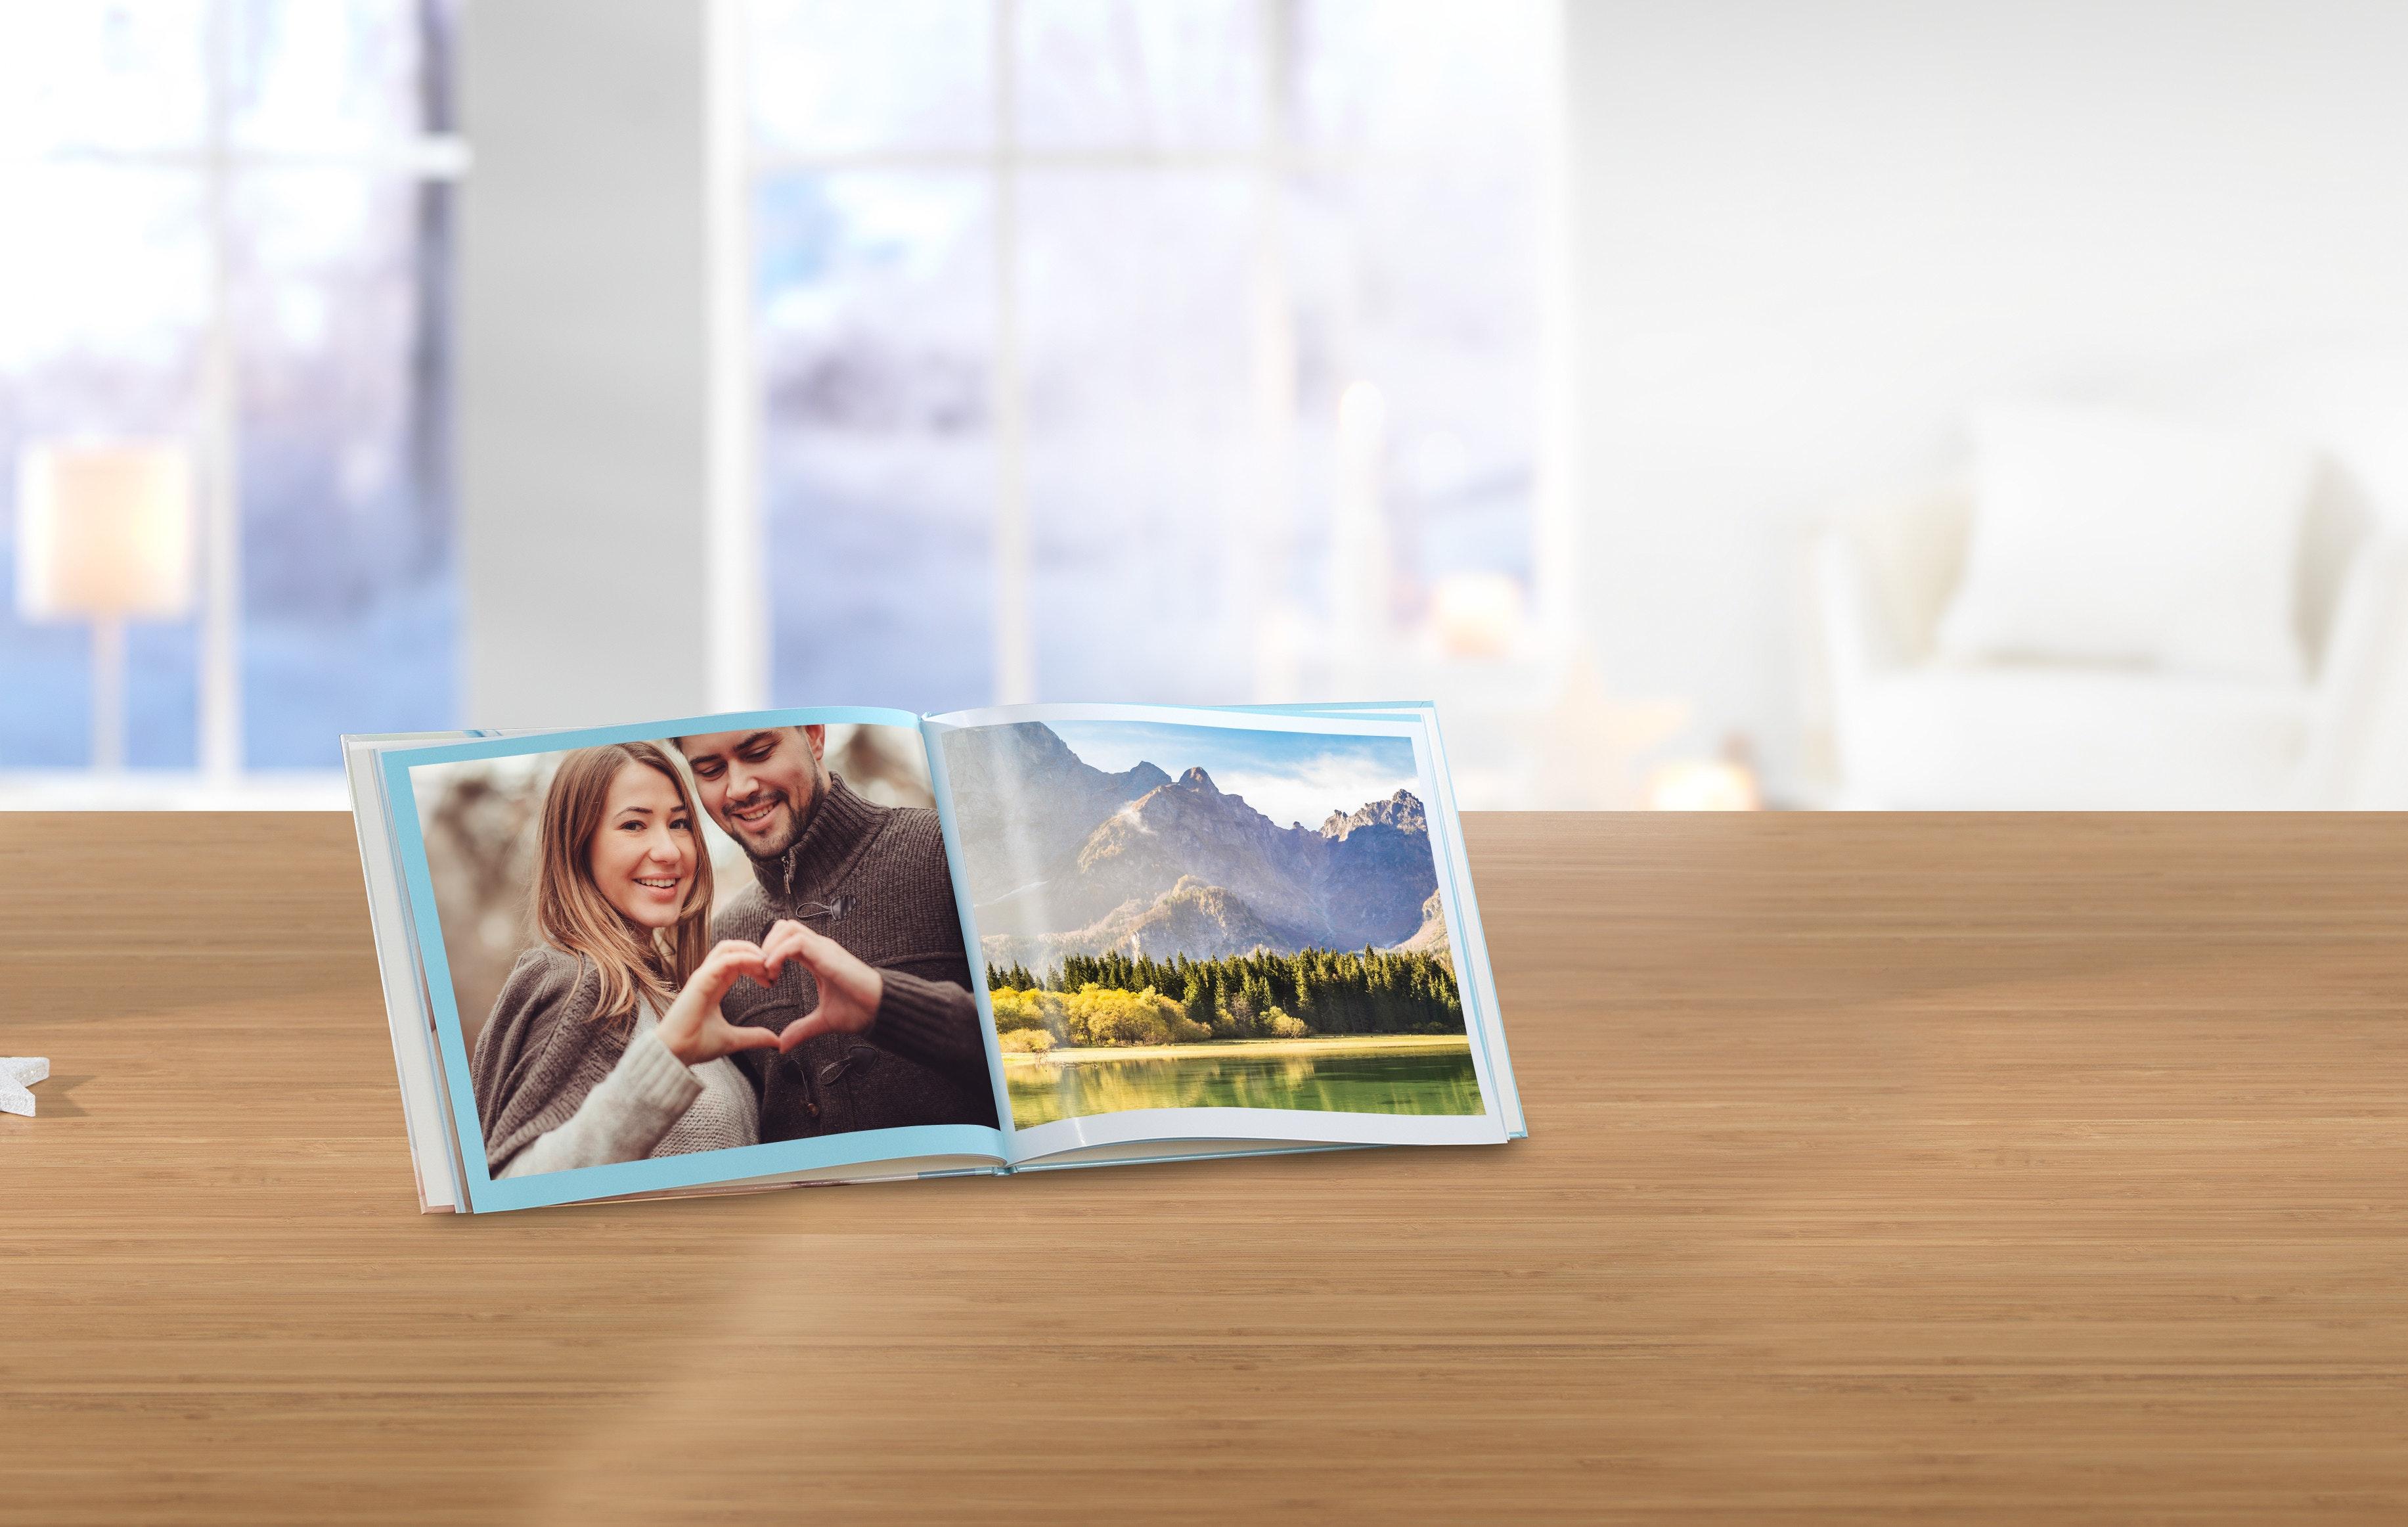 fotobuch bestellen einfach & schnell online pixum  super einfach super schnell fotobucher online erstellen #10